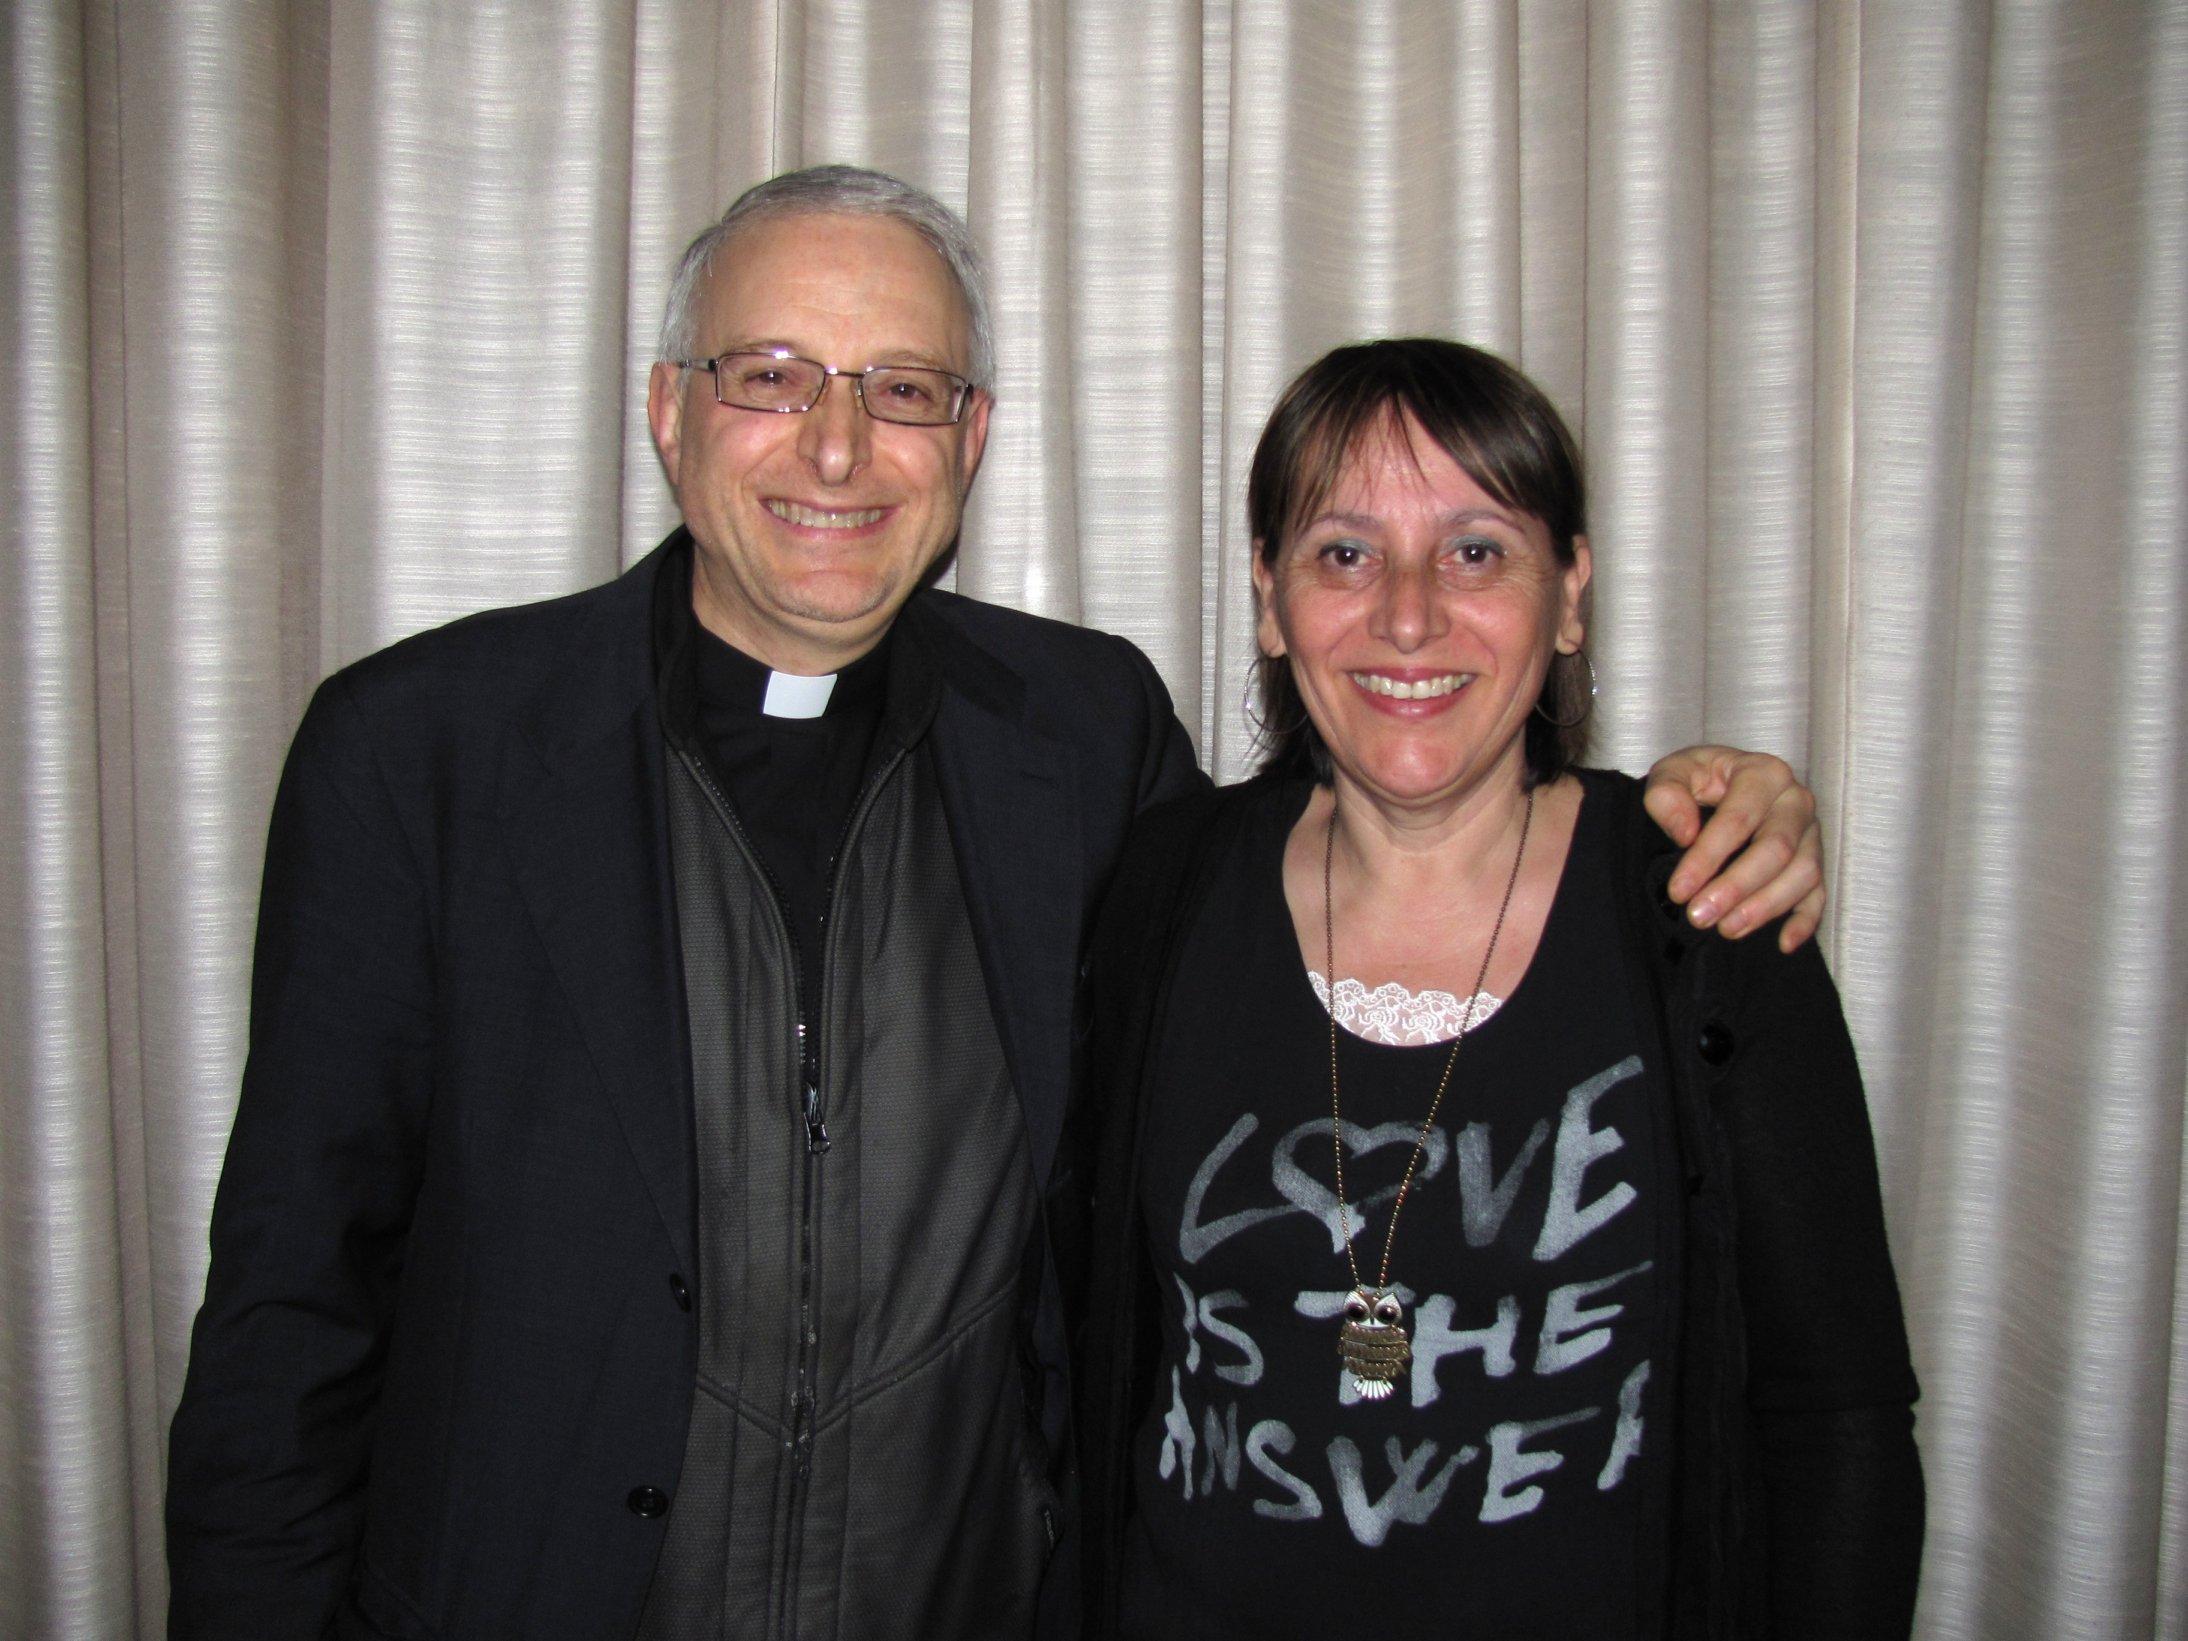 chiusura_anno_catechiste_2013-06-14-20-55-06